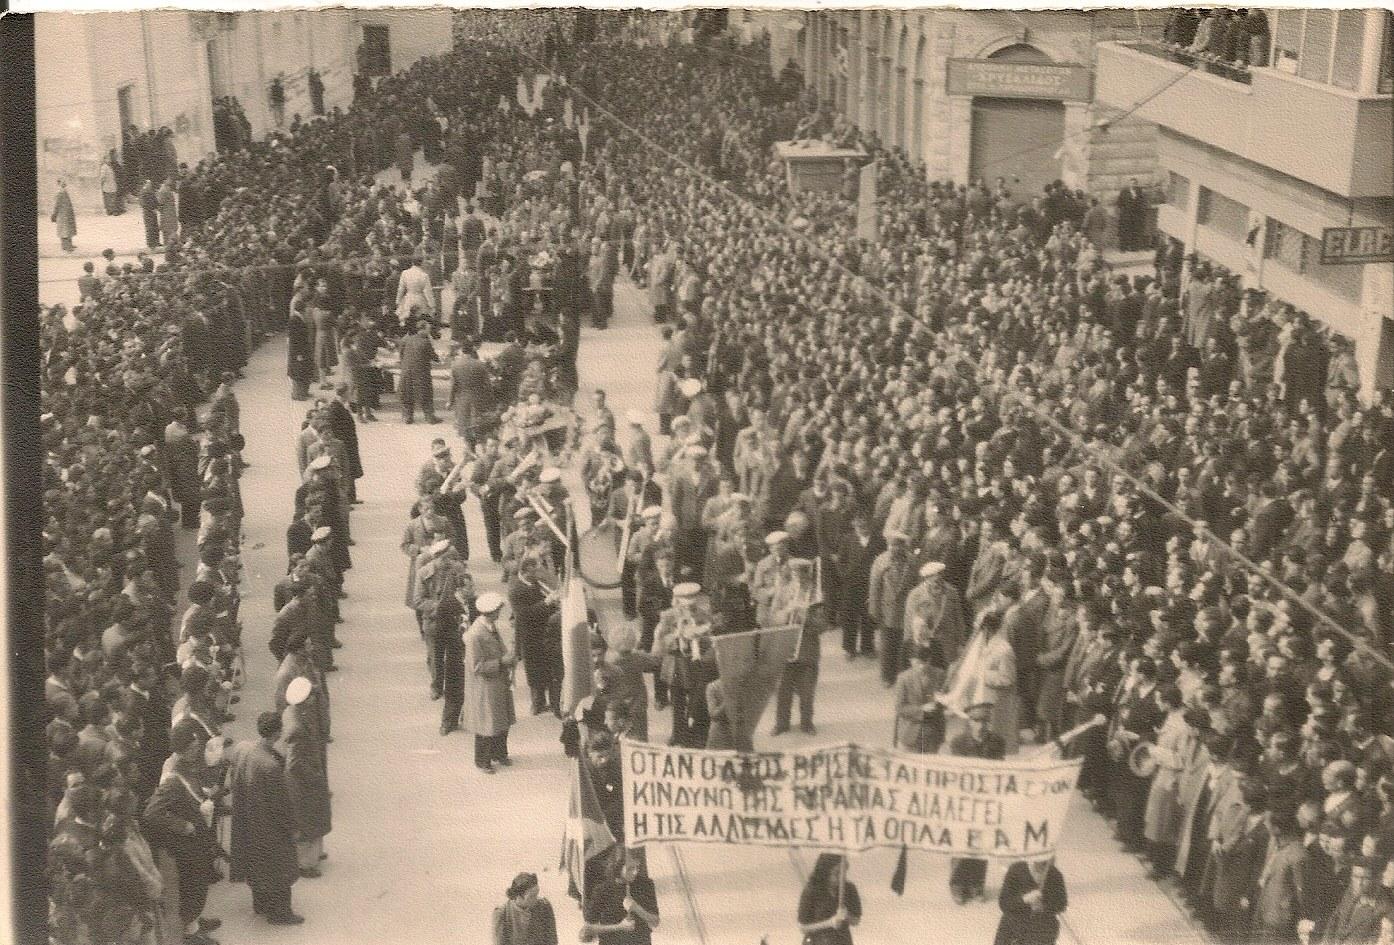 Μια άγνωστη λήψη από τη διαδήλωση στις 4 του Δεκέμβρη 1944